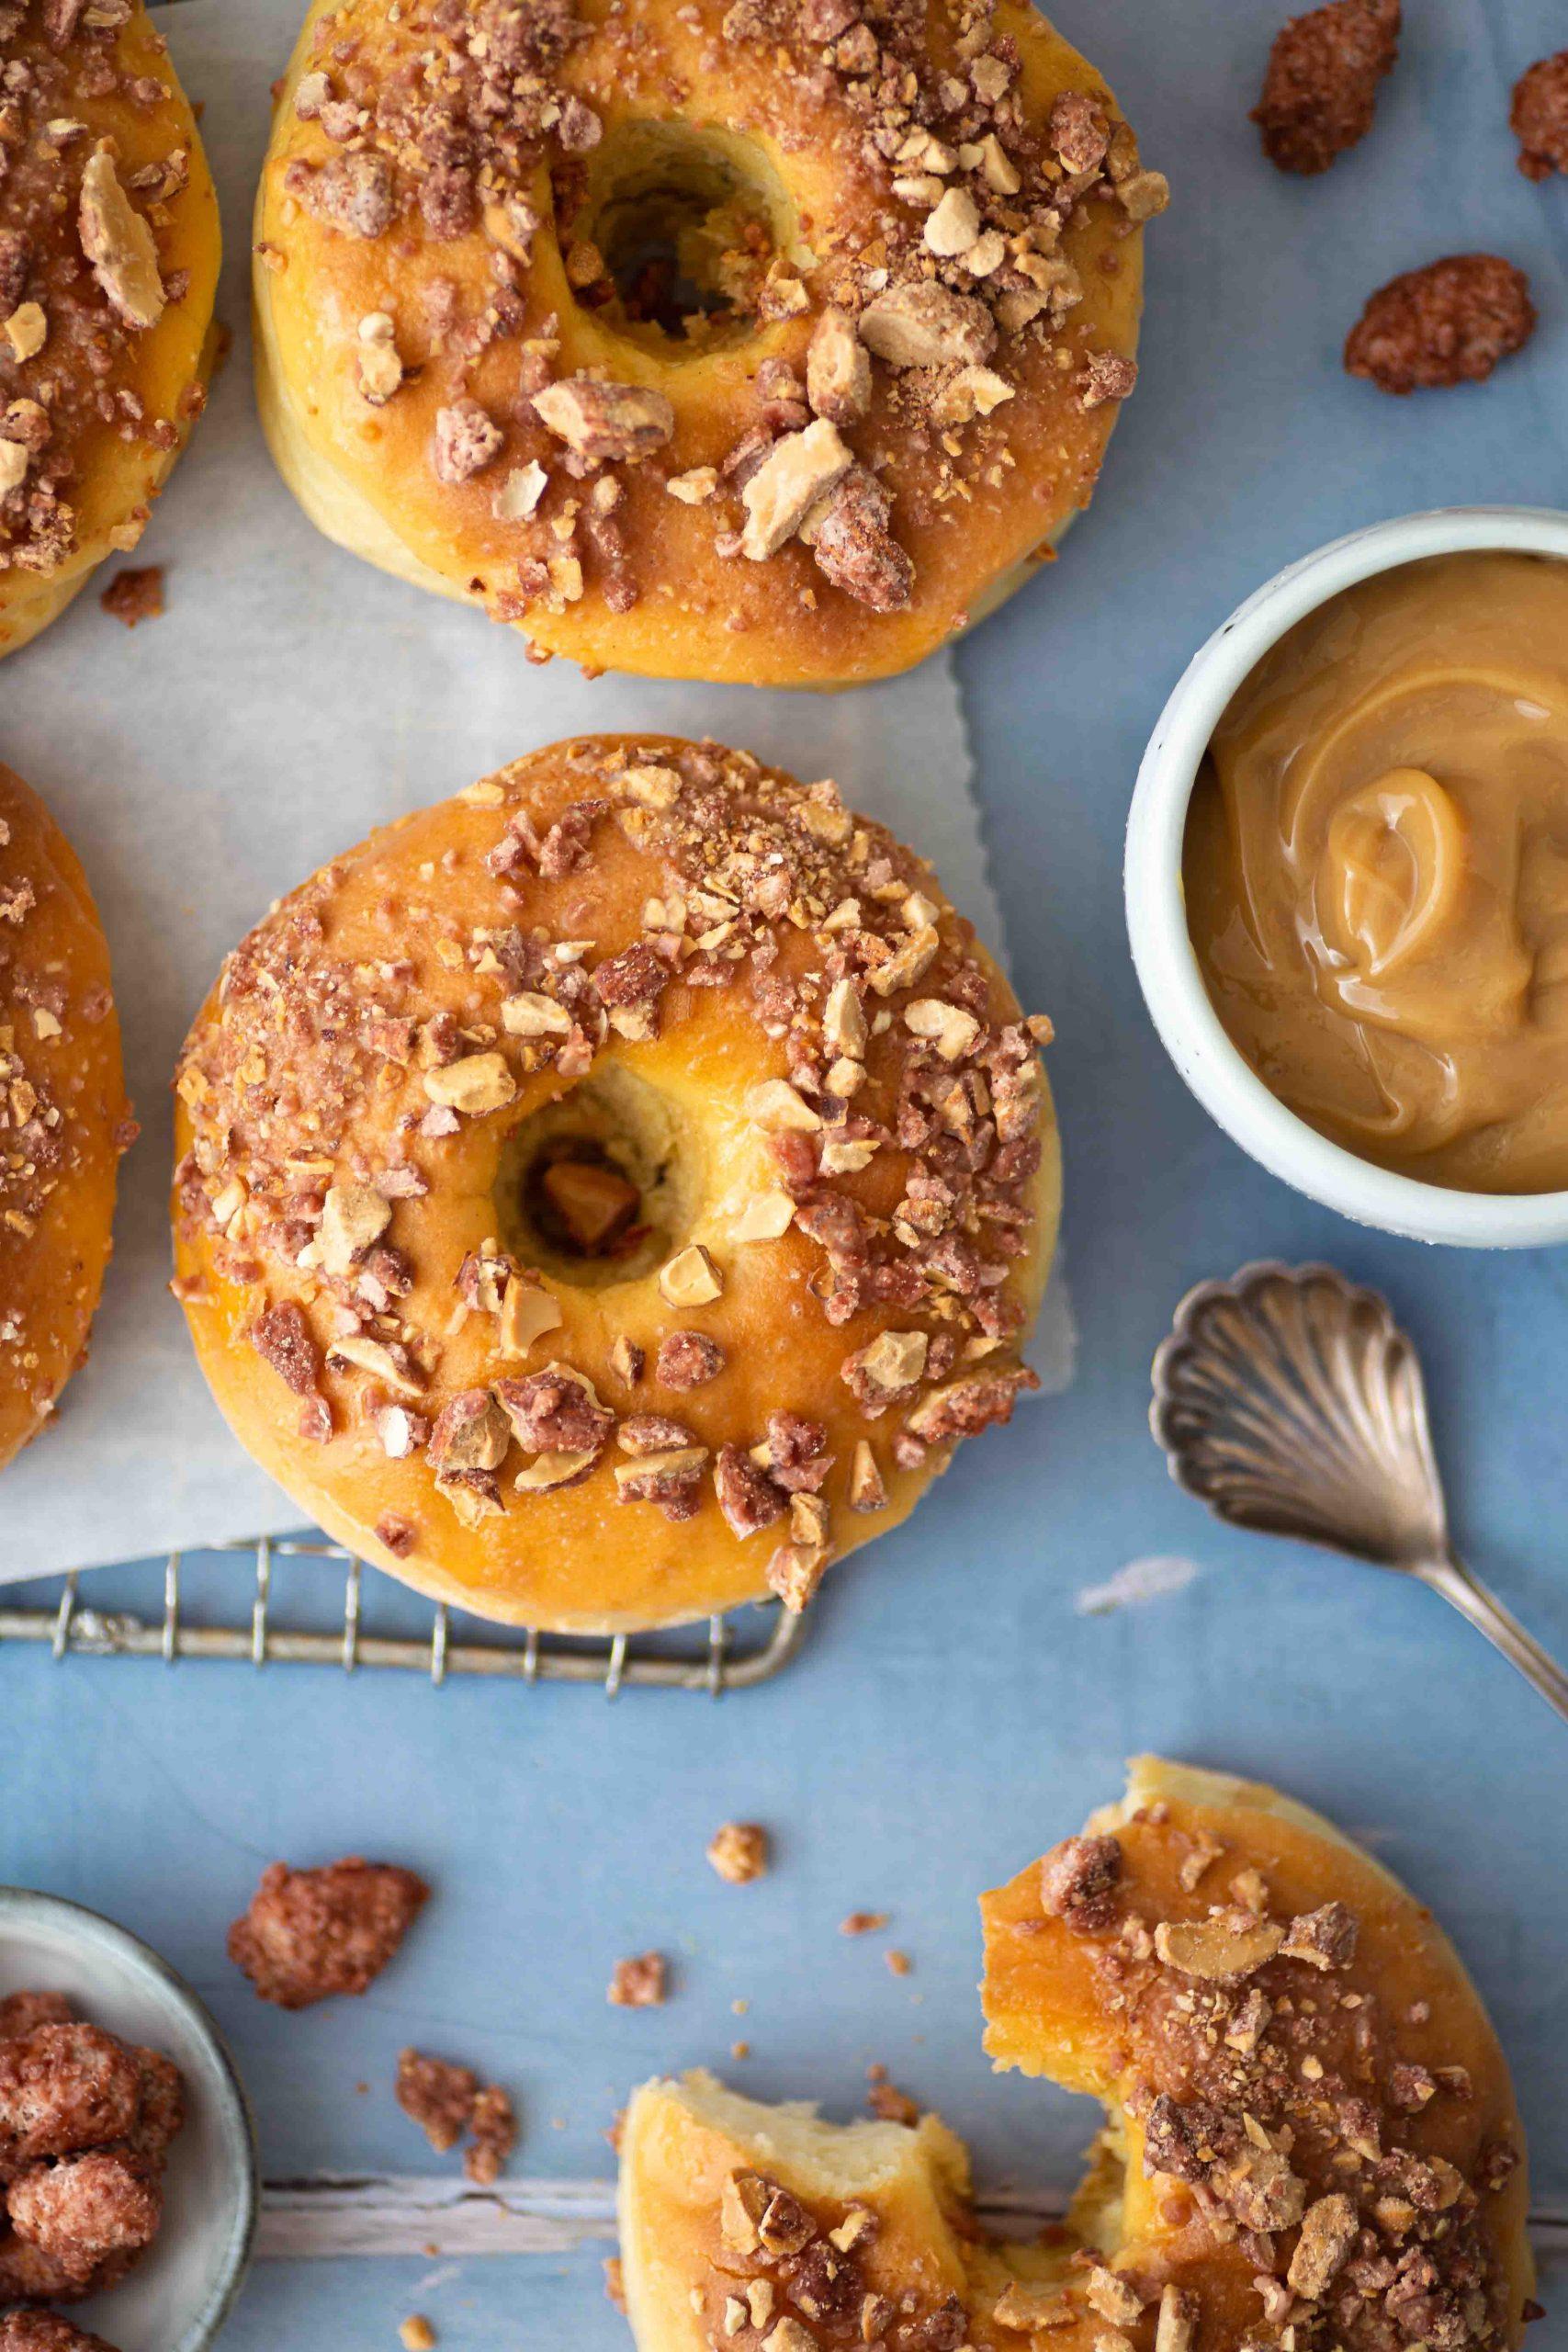 Ofen-Donuts mit Dulce de Leche Glasur und gebrannten Mandeln | Rezept